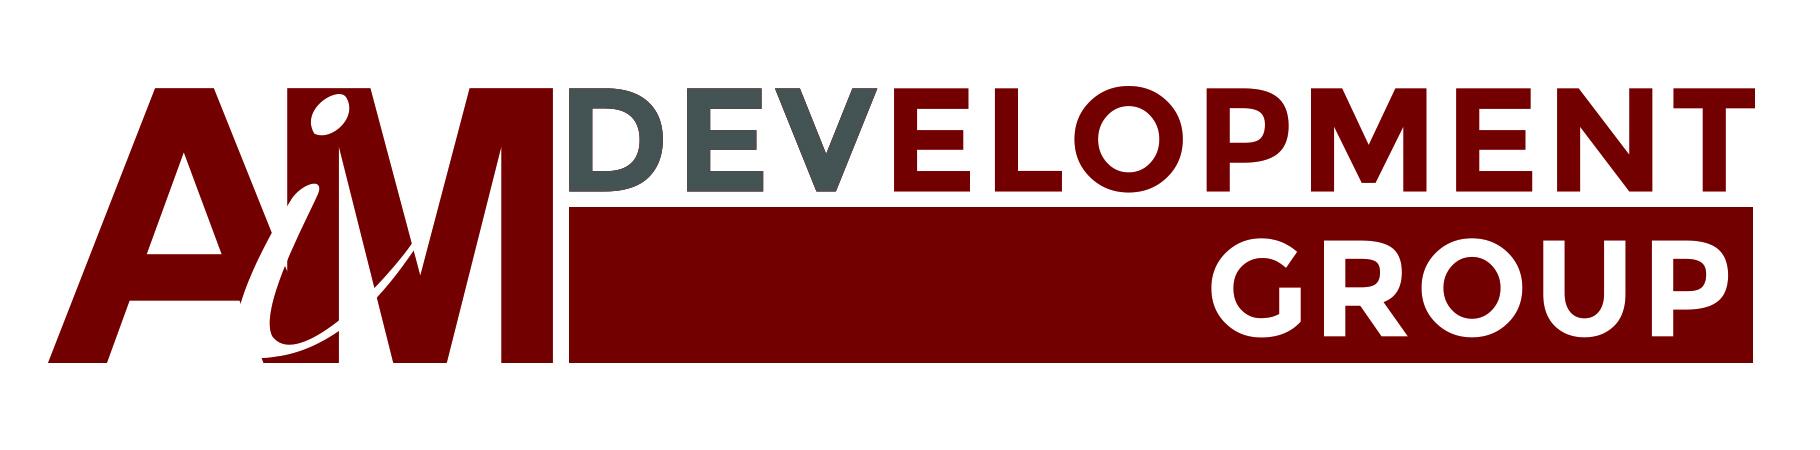 jpgAIM Development Group.jpg